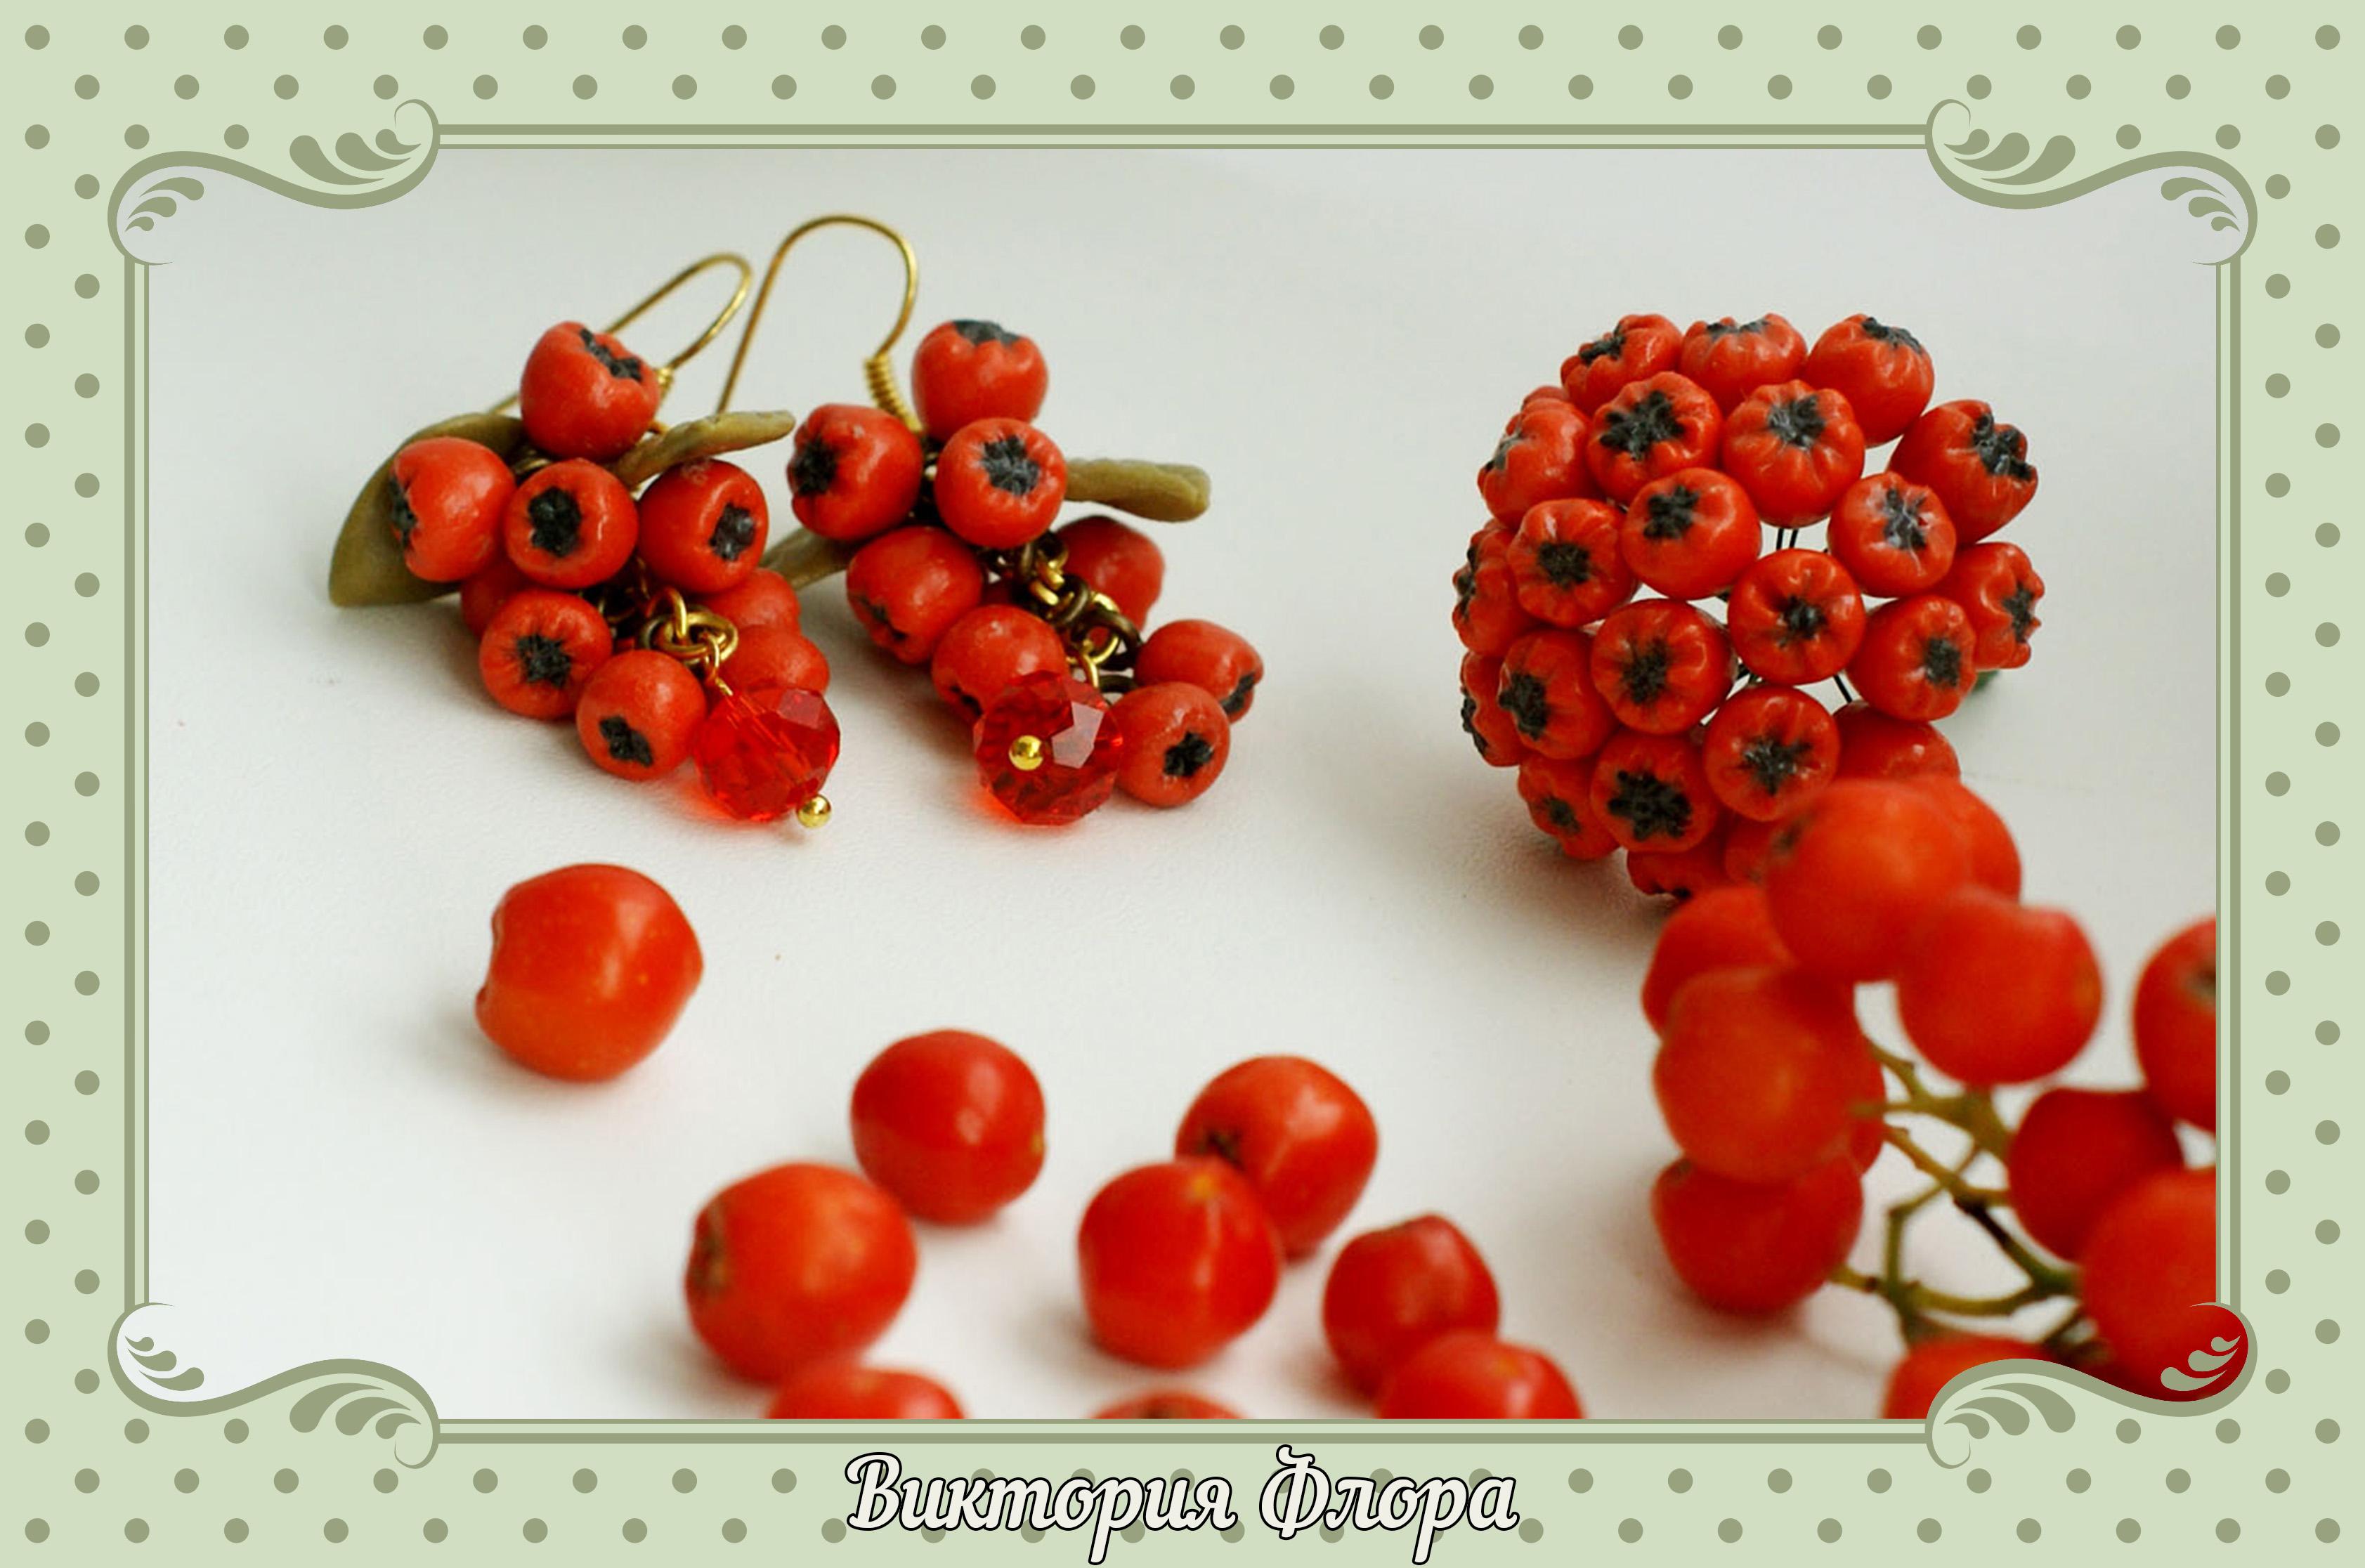 Как сделать ягоды рябины